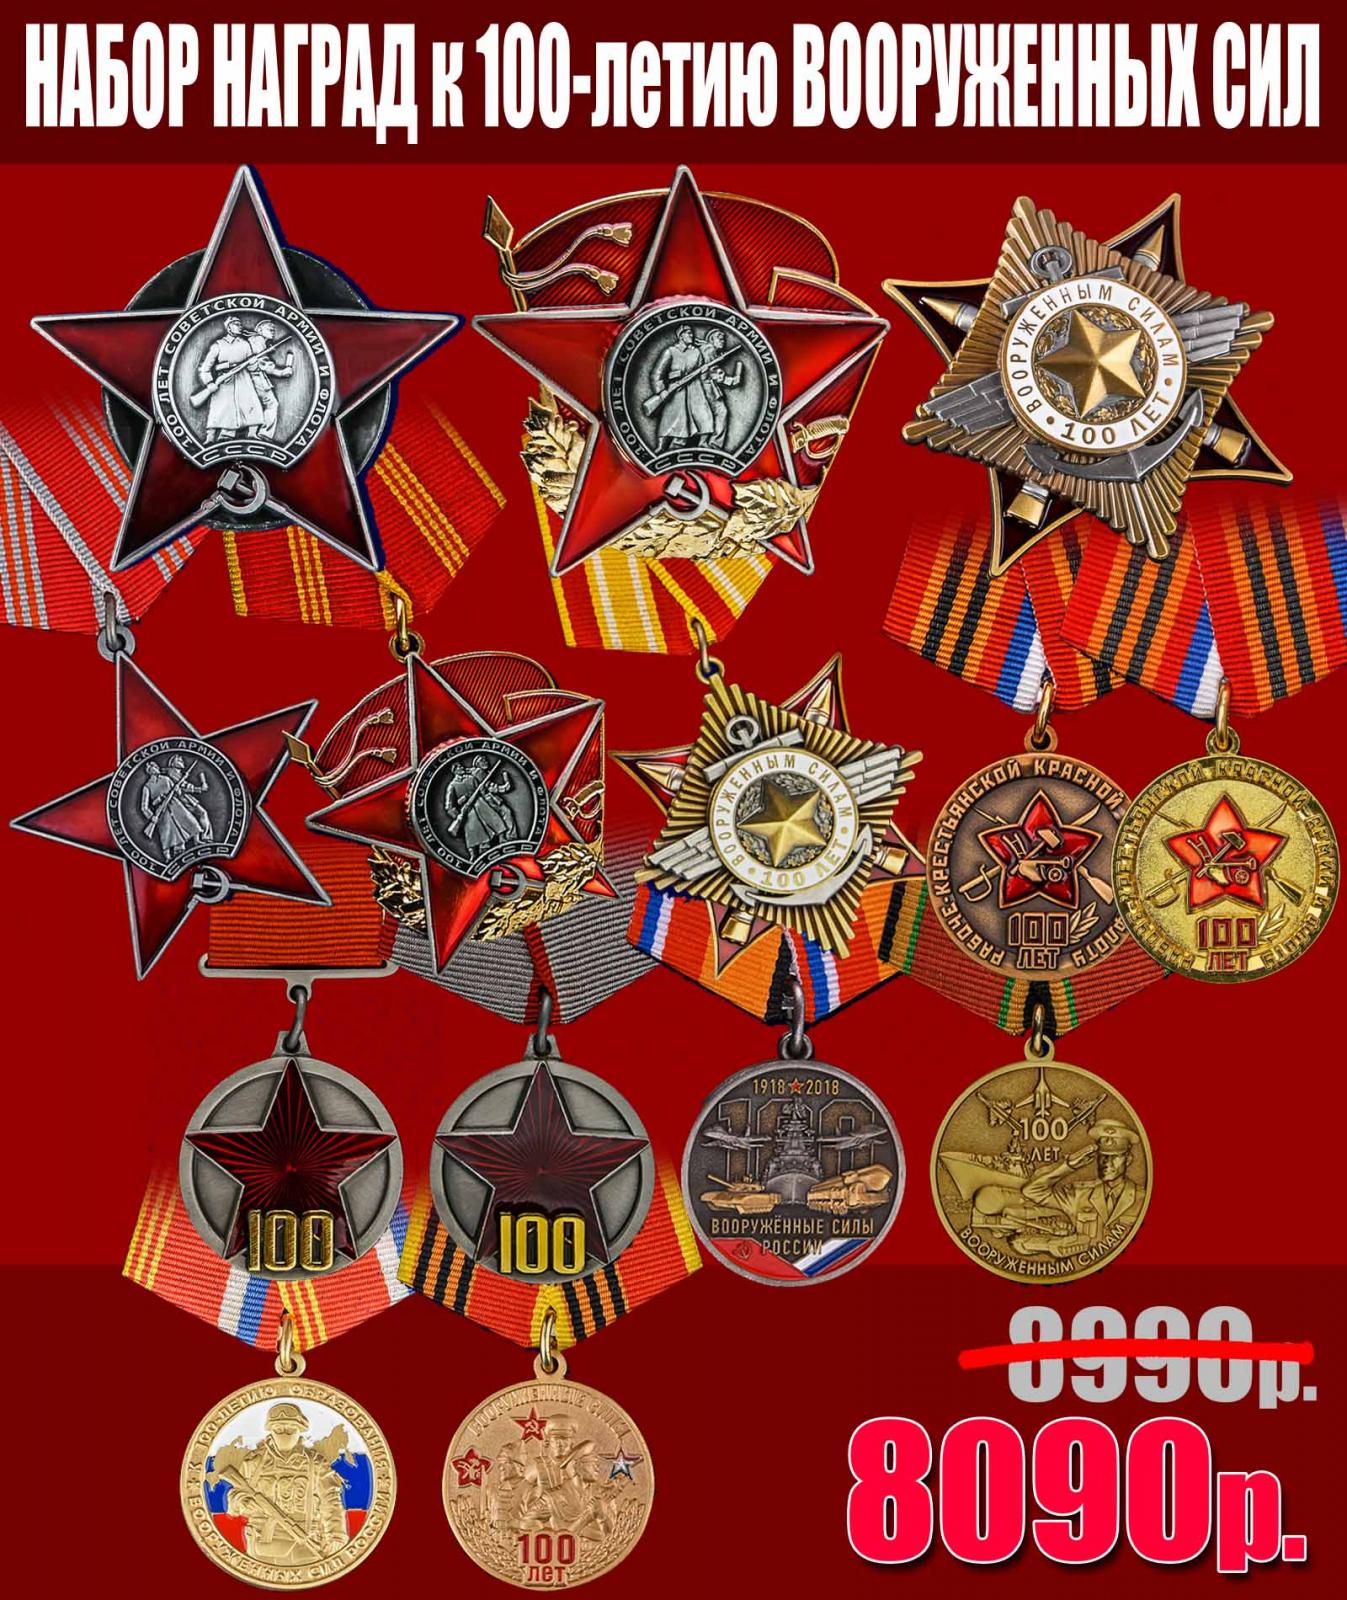 Набор наград к 100-летию Вооруженных сил